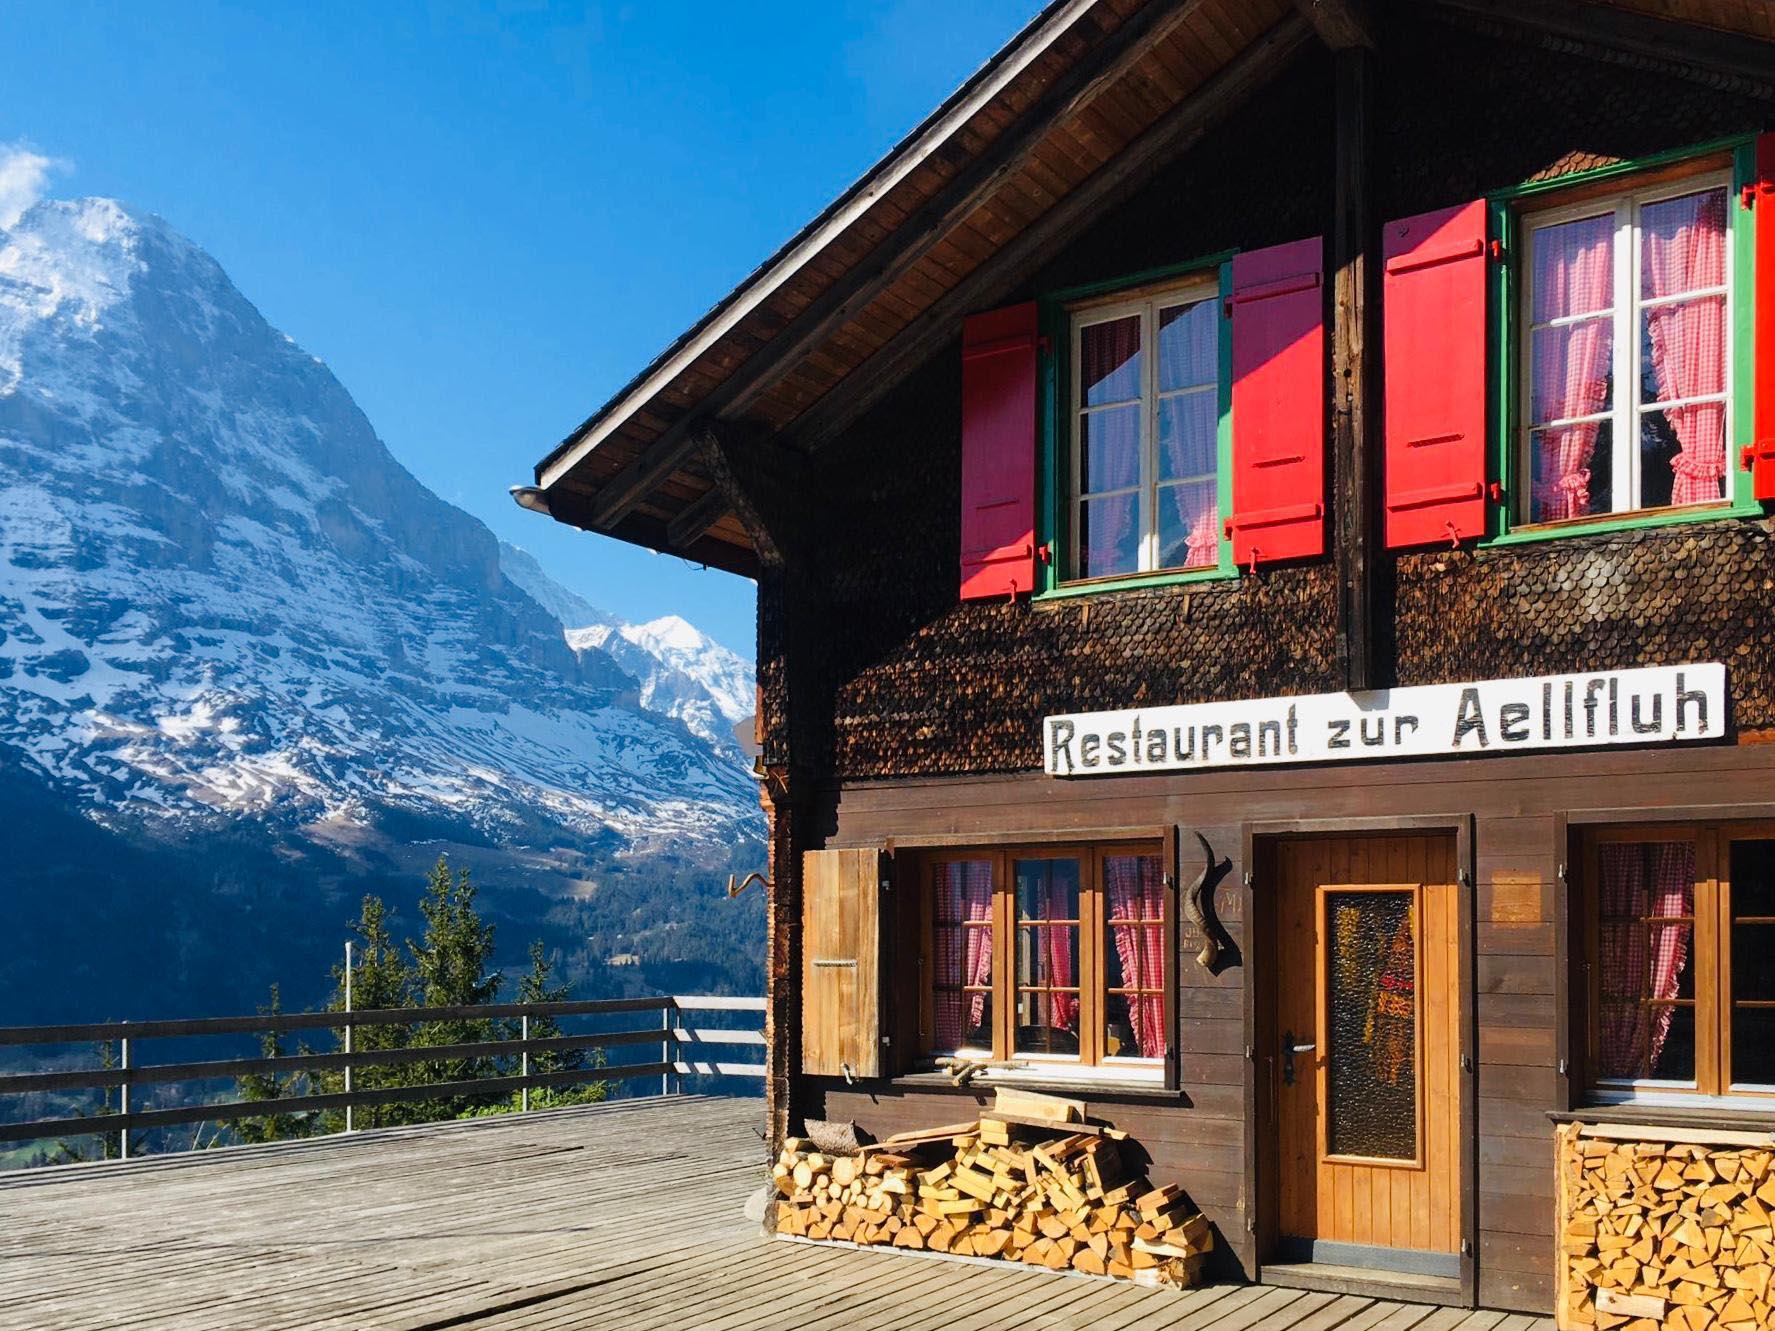 Ferienwohnung Chalet Anemone Grindelwald-Restaurant Aellfluh